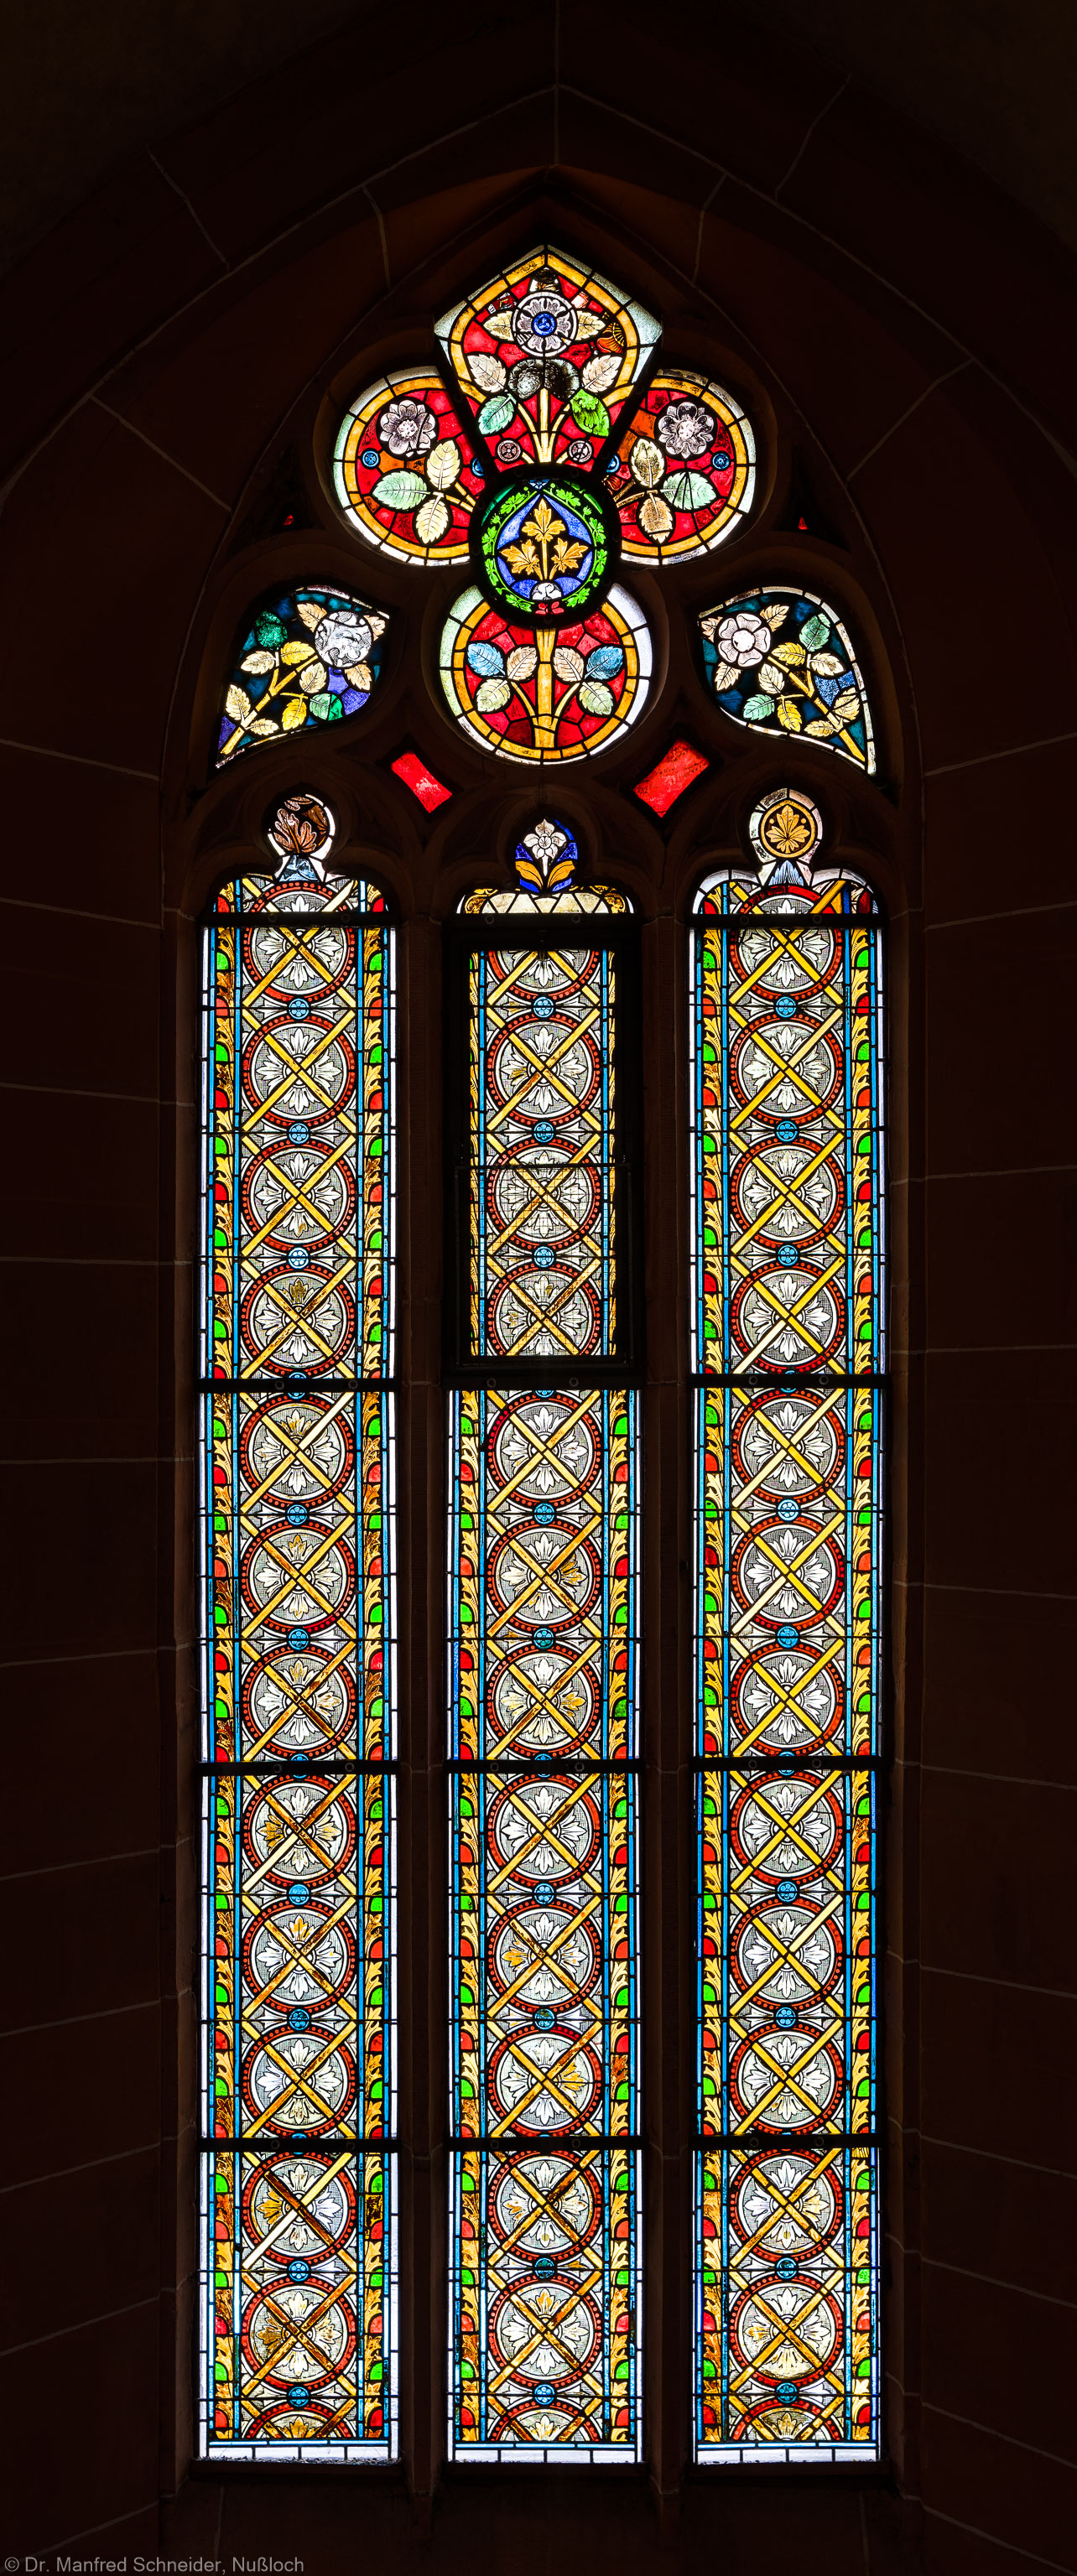 Heidelberg - Heiliggeistkirche - Südschiff - 4. Joch, von Westen aus gezählt - Gesamtaufnahme des Ornamentfensters (aufgenommen im Oktober 2015, am späten Nachmittag)